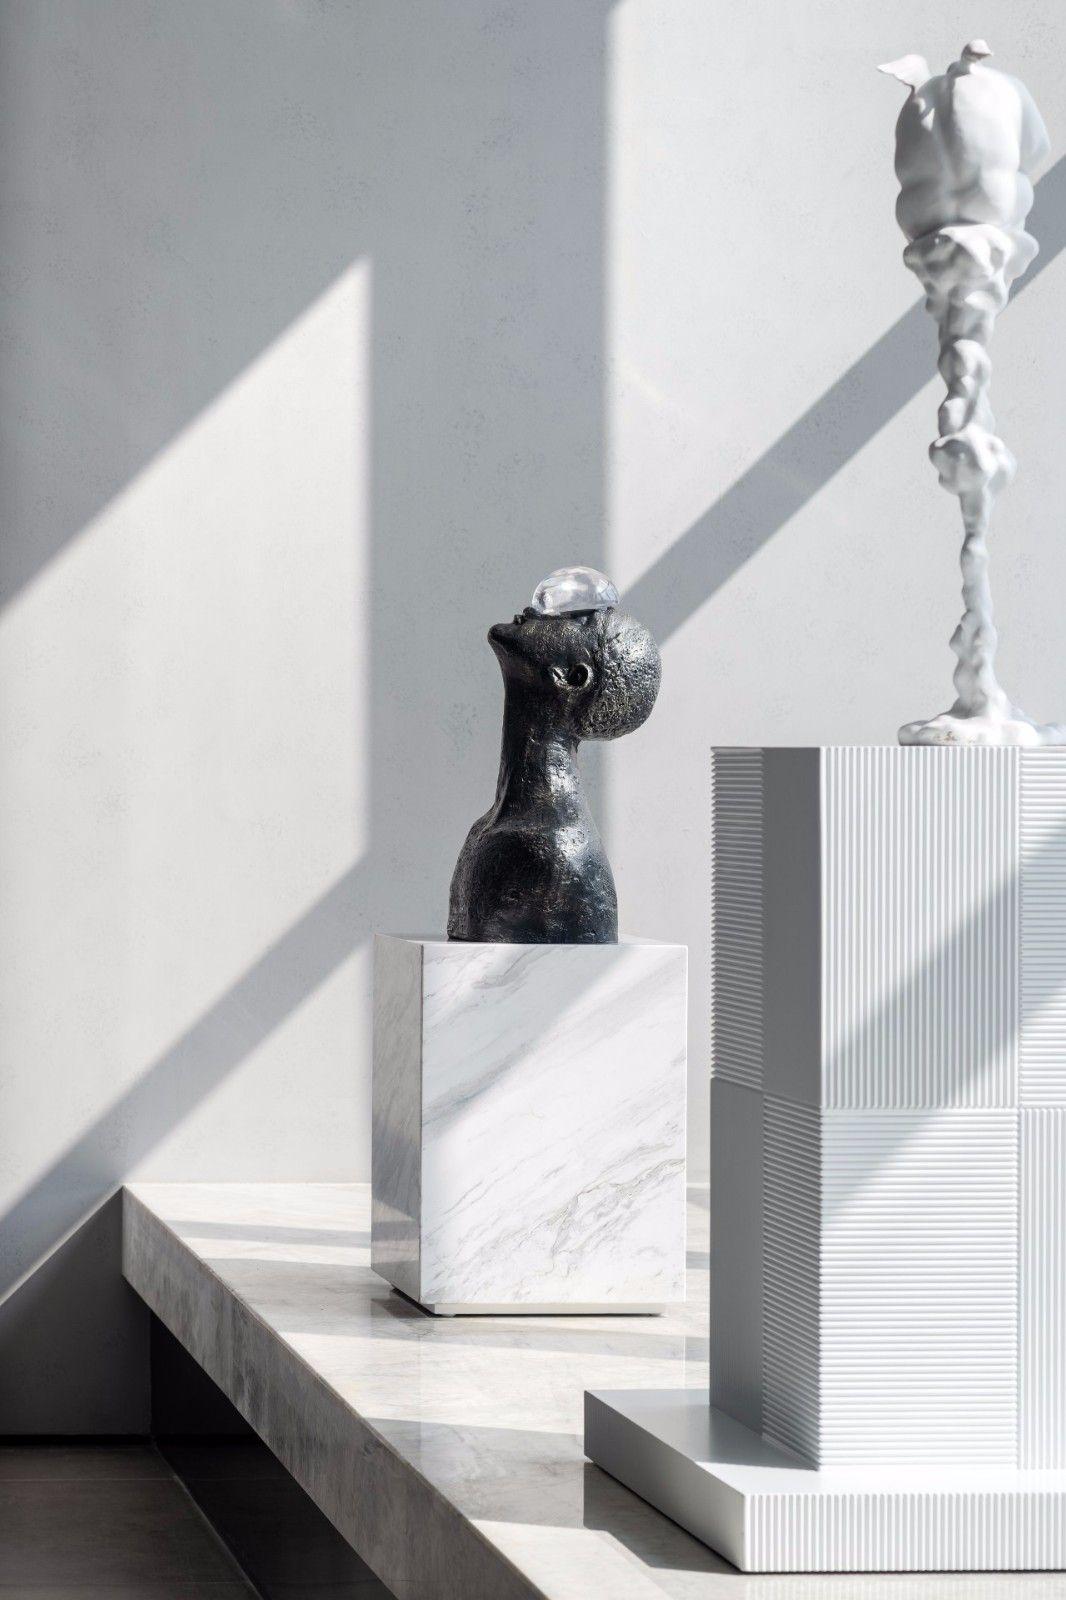 【G&K新作】武汉最艺术的沉浸体验式售楼处设计|G&K建筑设计咨询有限公司 - 9